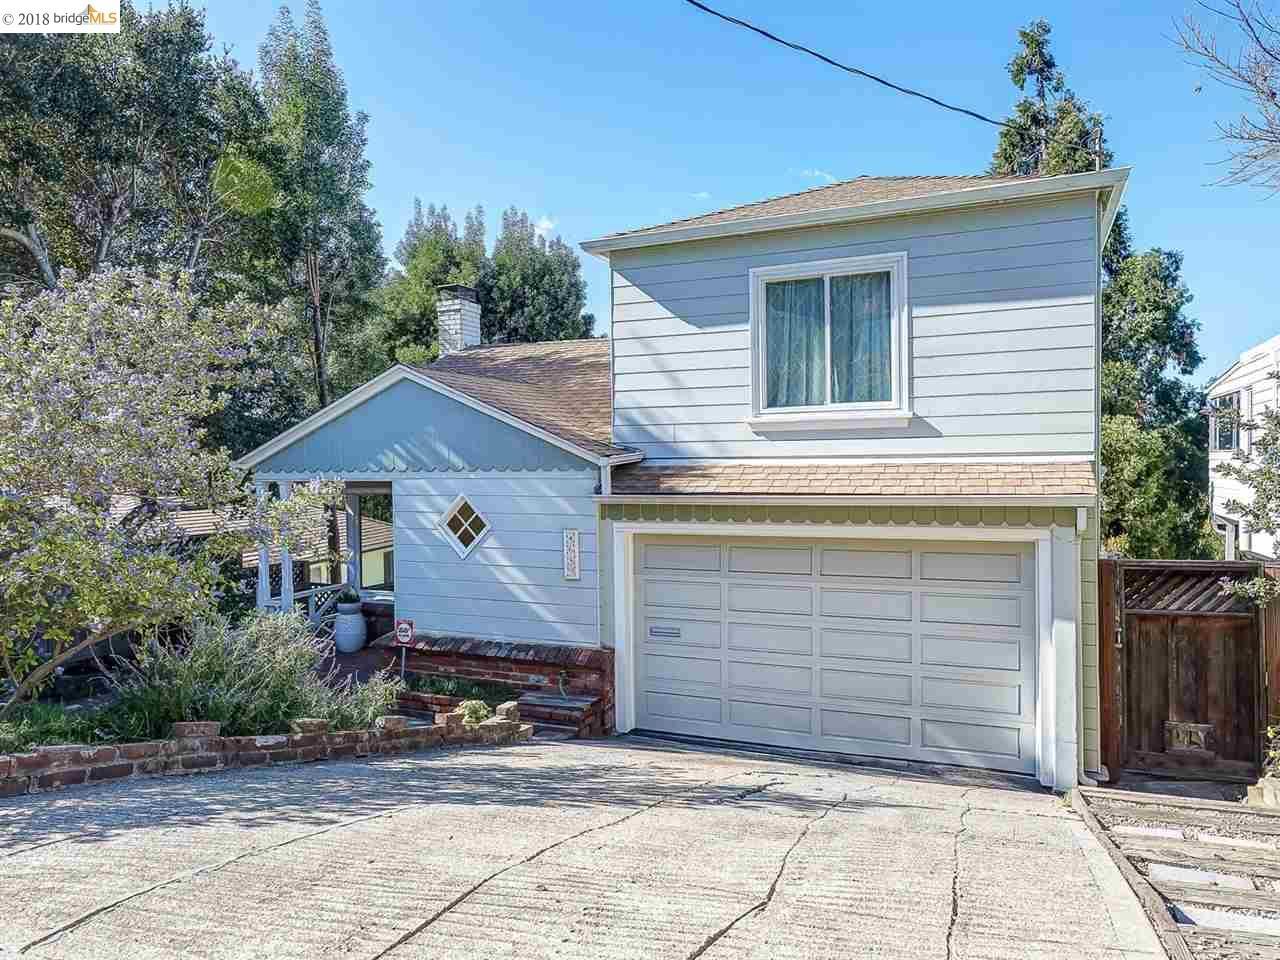 Einfamilienhaus für Verkauf beim 4689 Fair Avenue 4689 Fair Avenue Oakland, Kalifornien 94619 Vereinigte Staaten